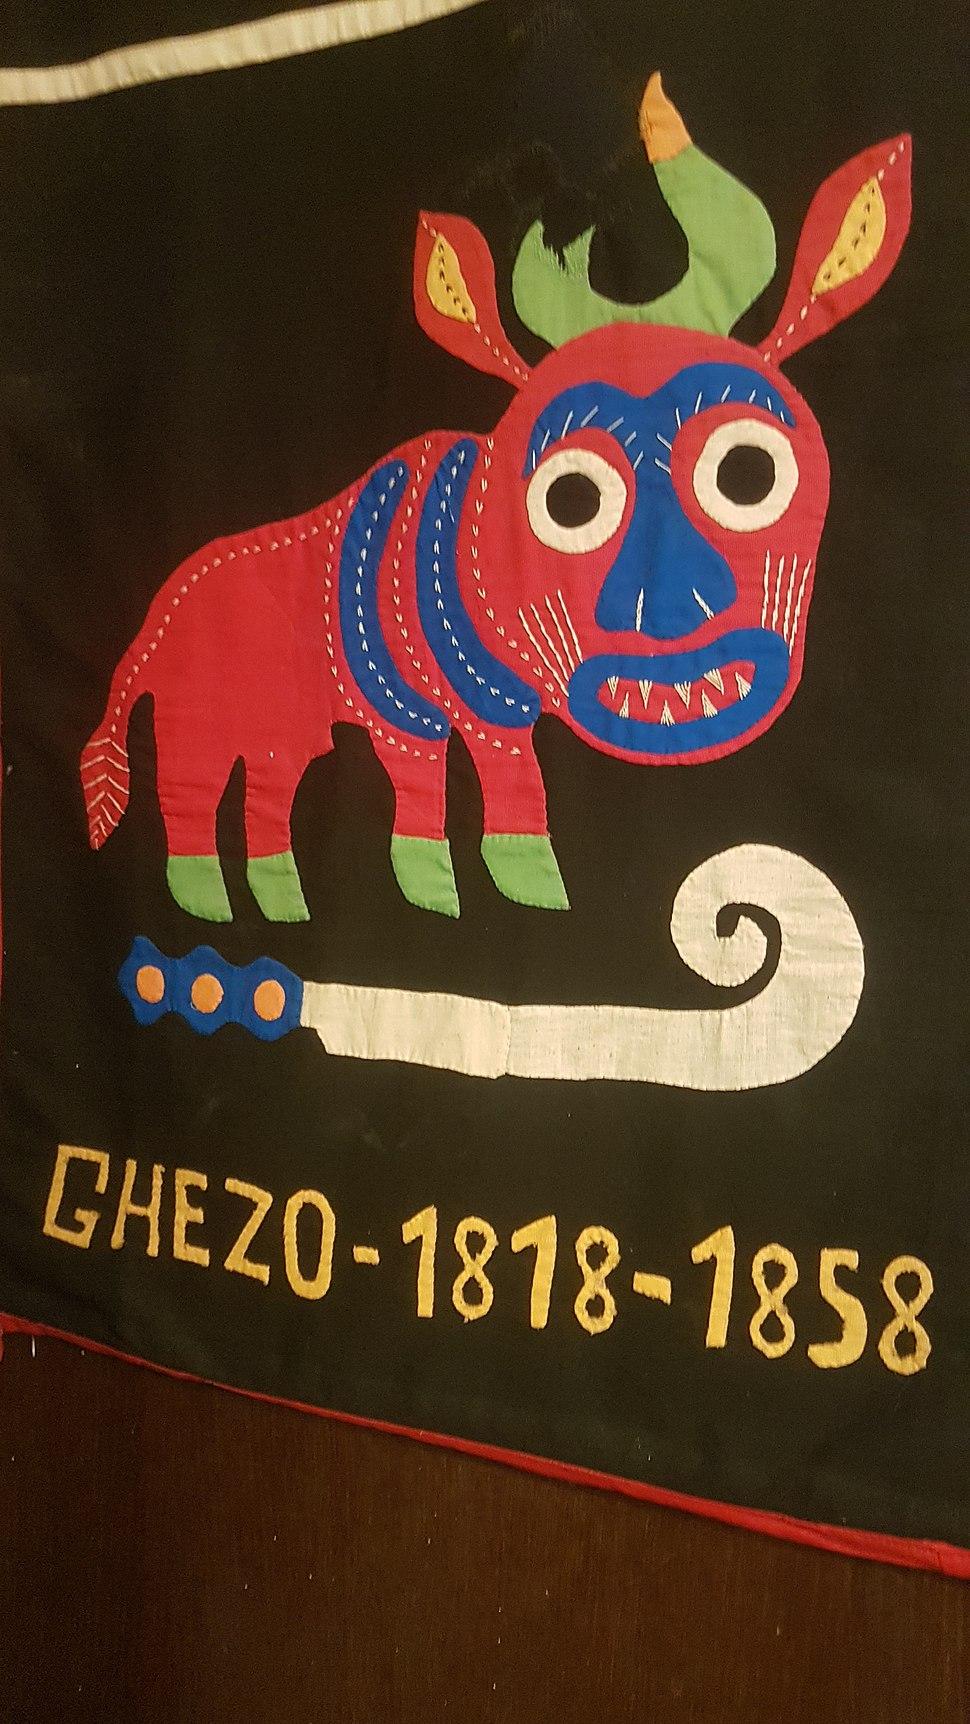 Музеј афричке уметности25